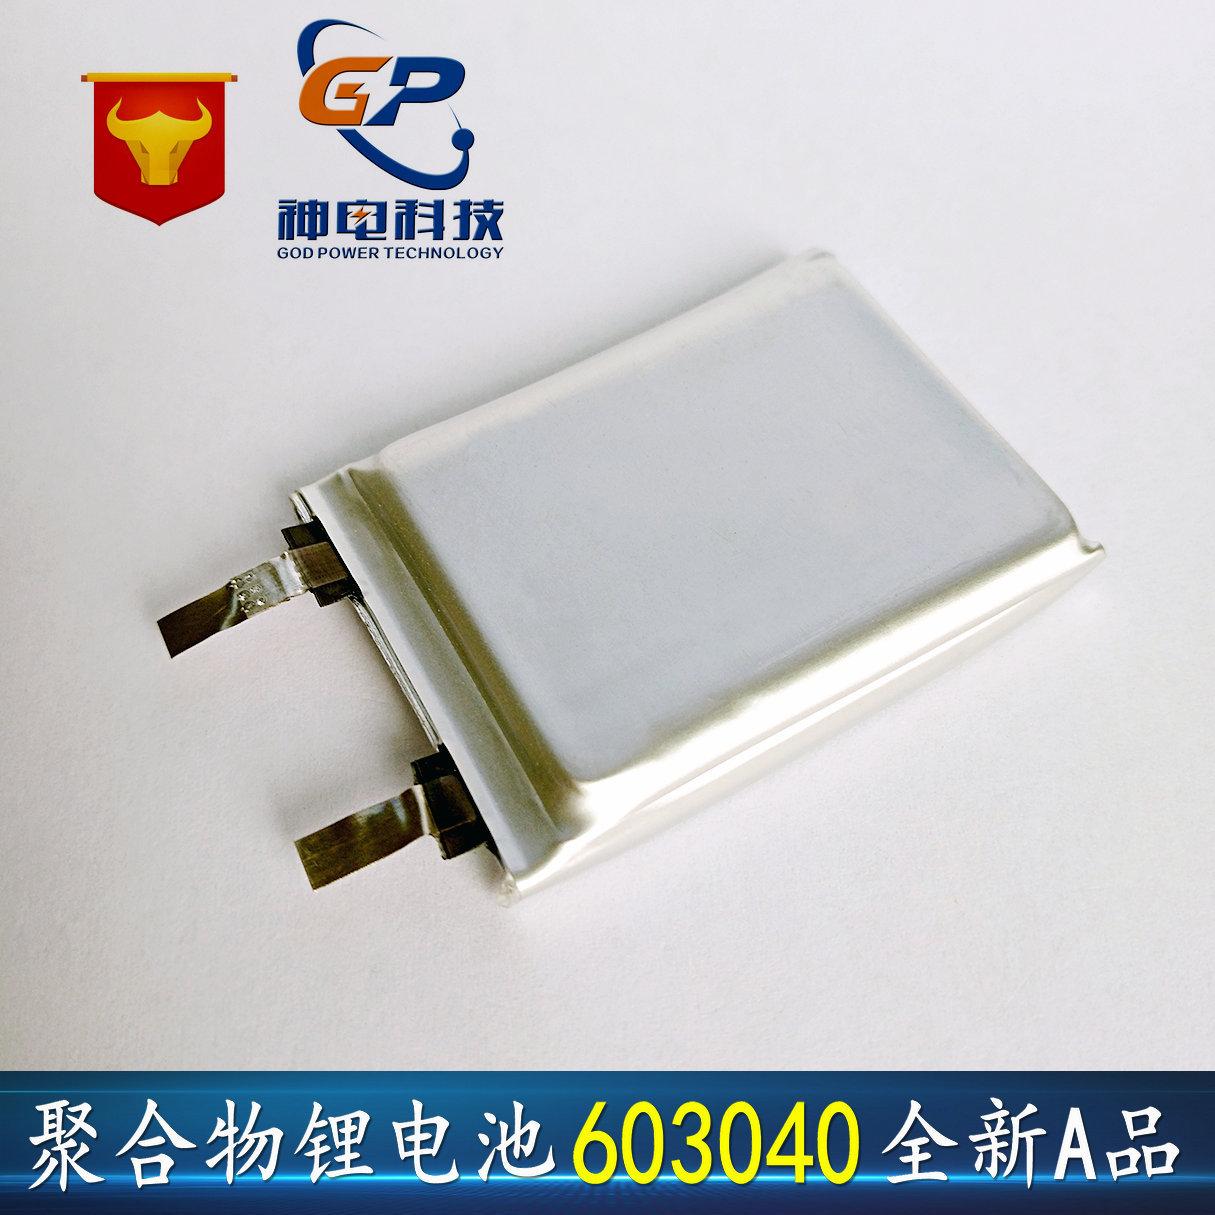 厂家直营供应603040 神电/GP 数码产品矿灯电子称手电筒等·